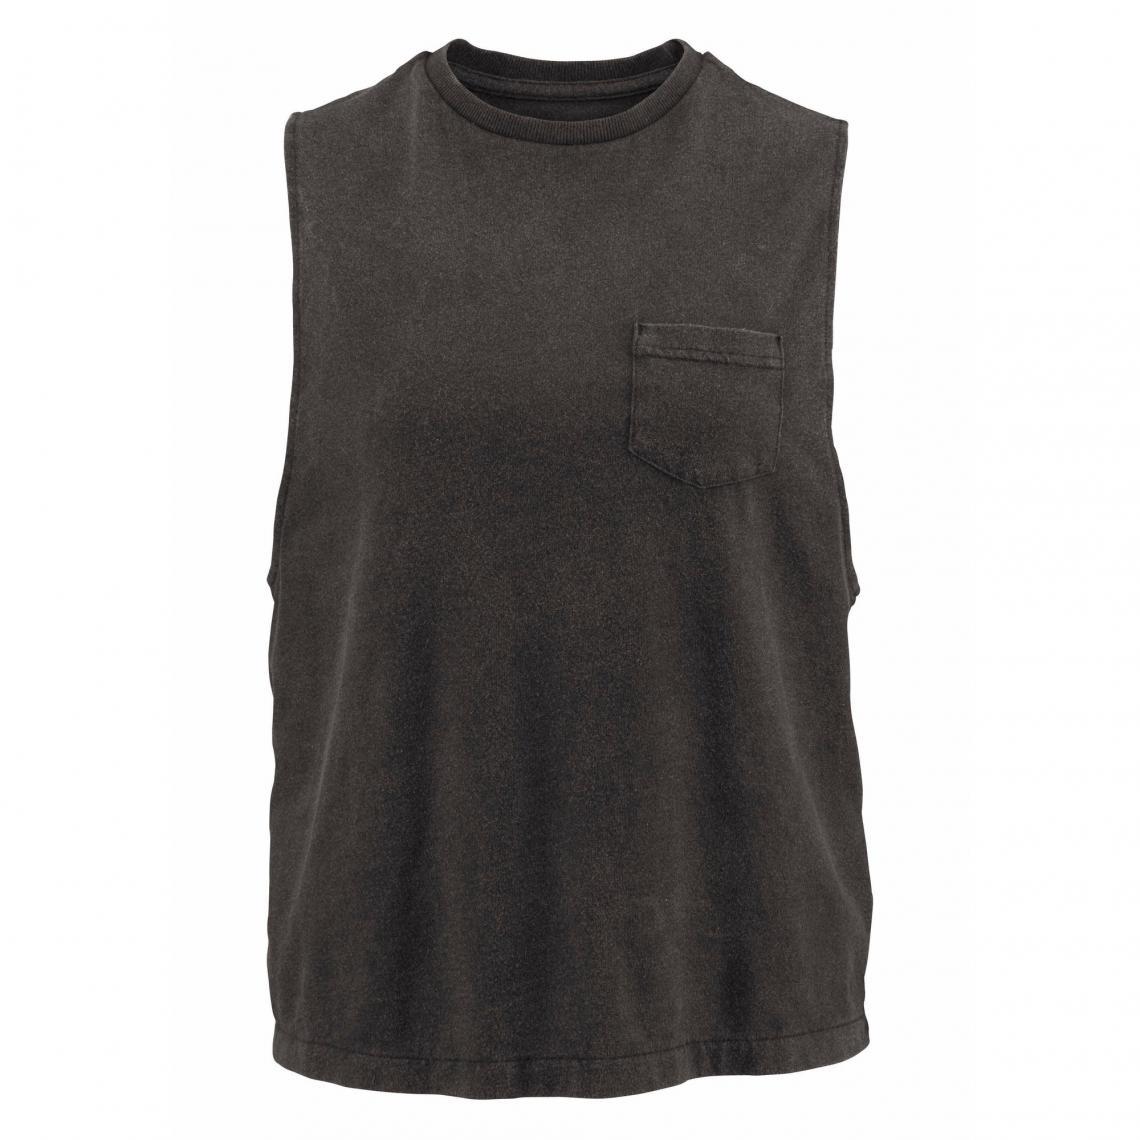 Tee shirt délavé ample larges emmanchures femme Reebok | 3